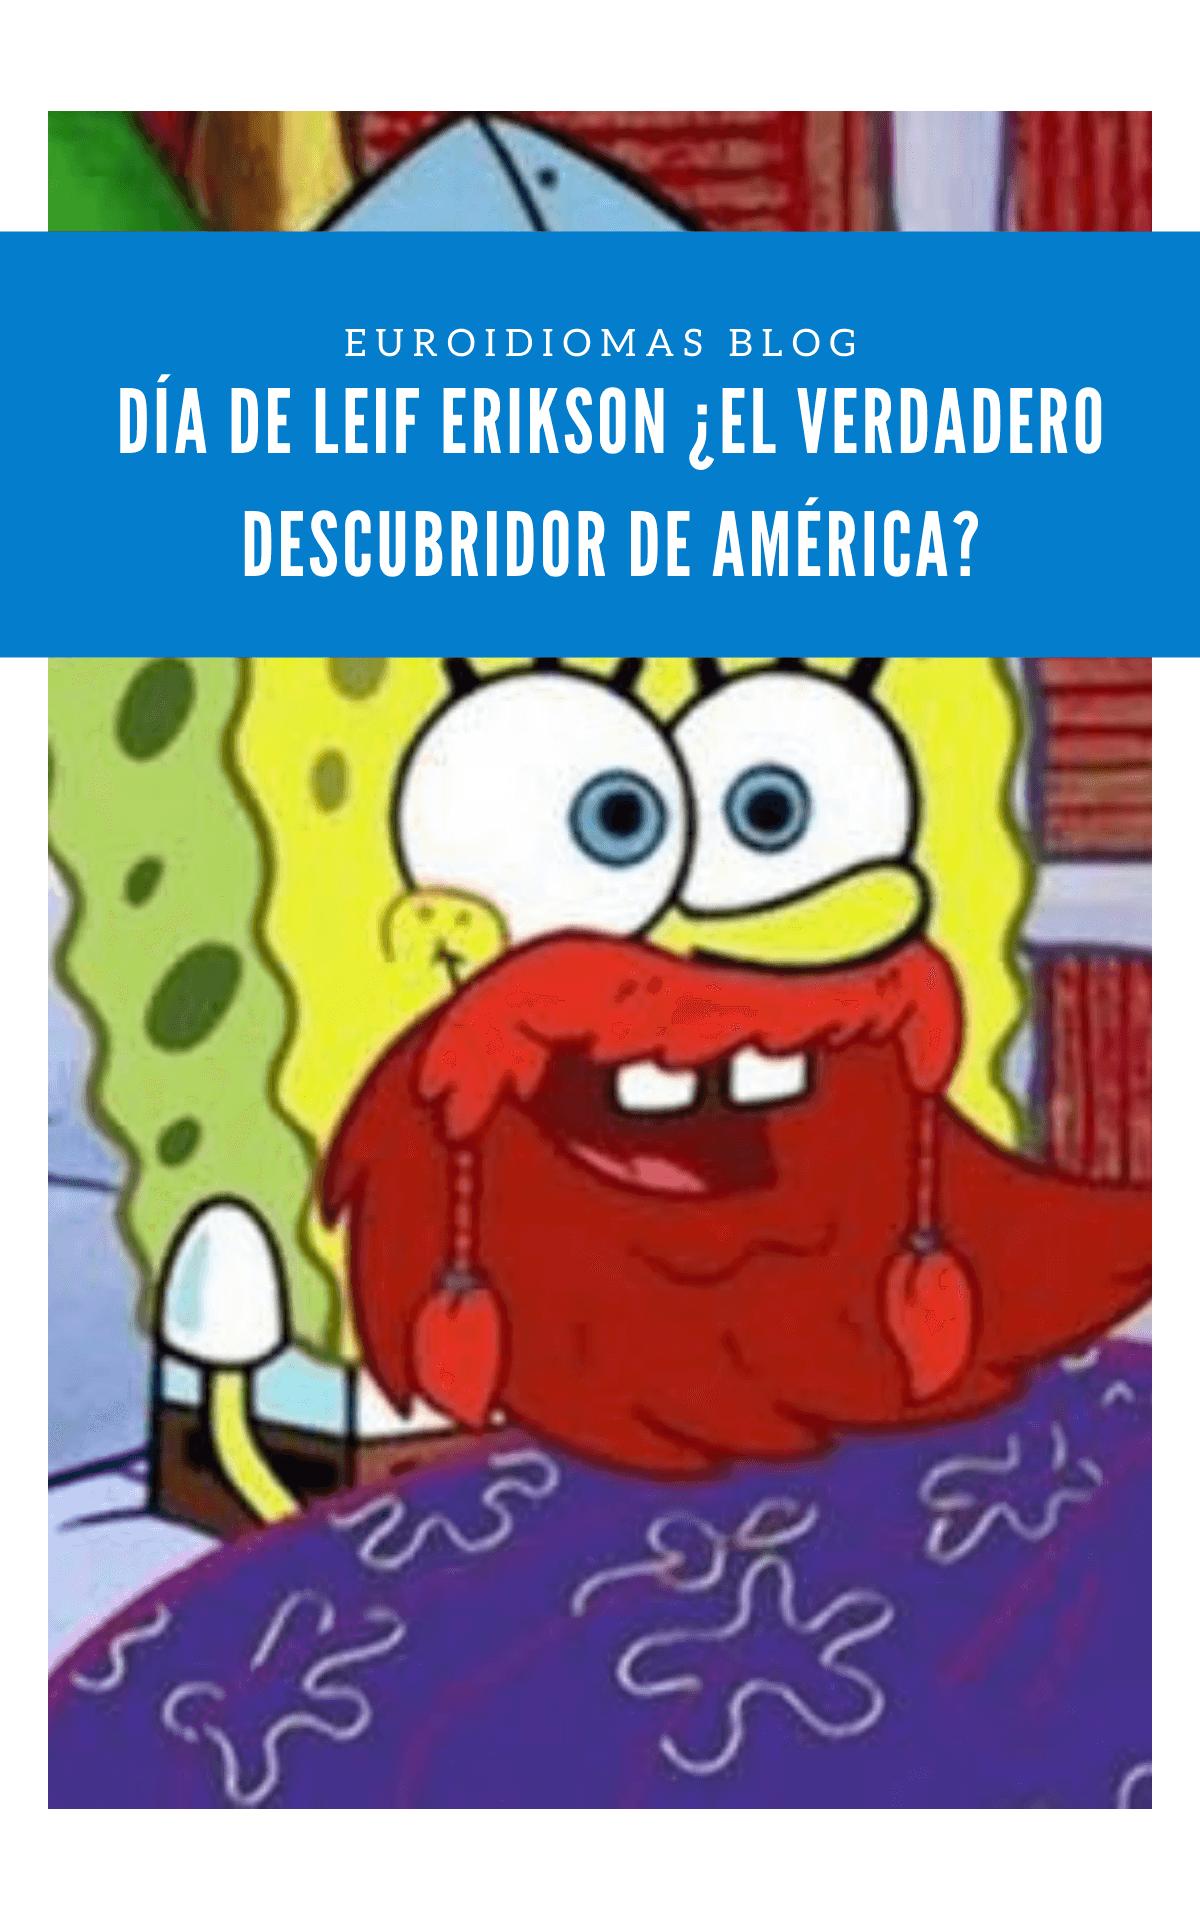 Día de Leif Erikson ¿El verdadero descubridor de América?